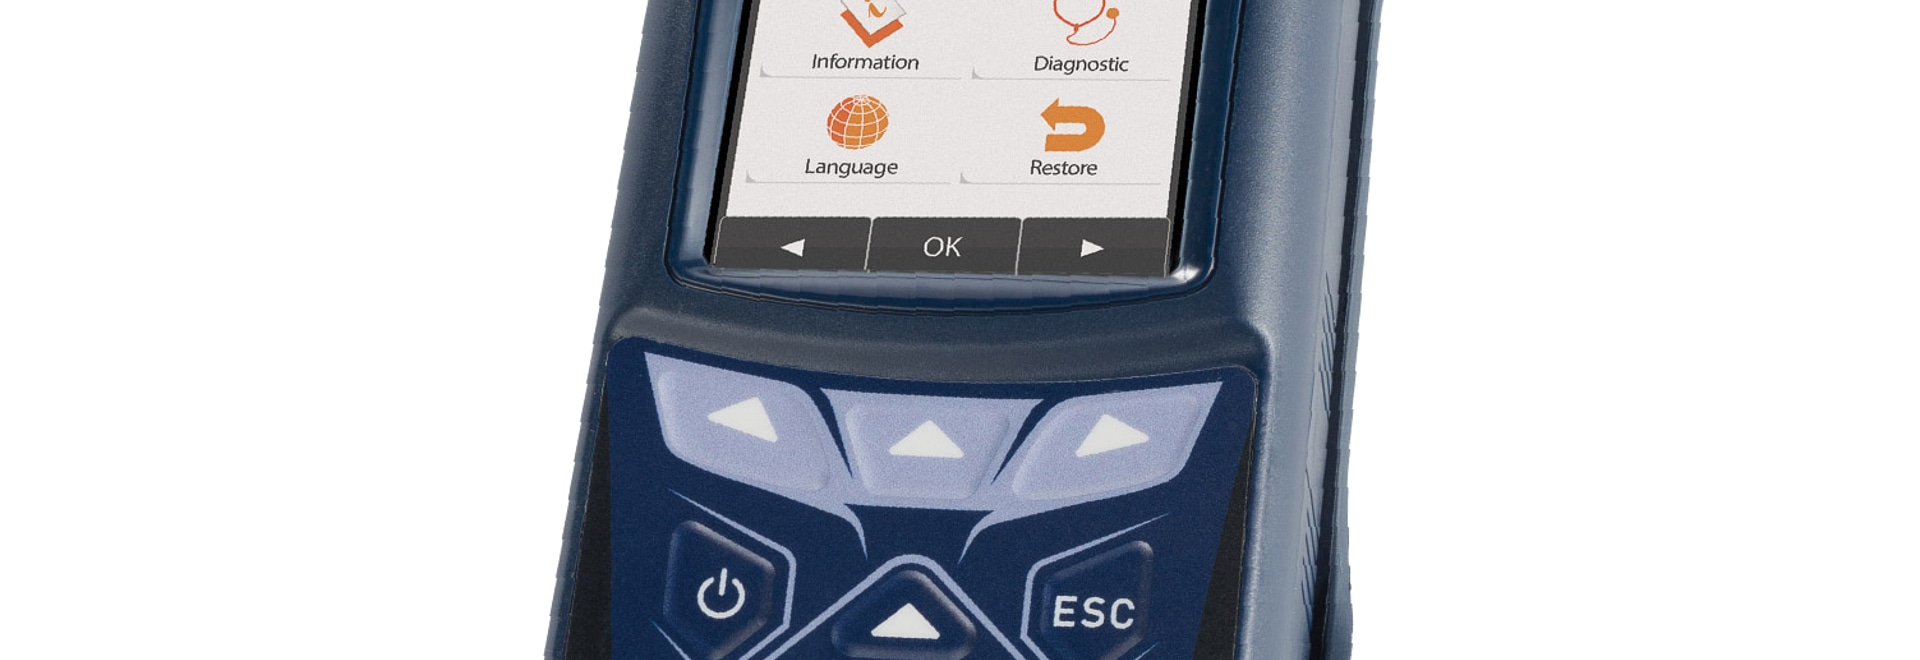 New E6000 SIX Gas Emissions Analyzer